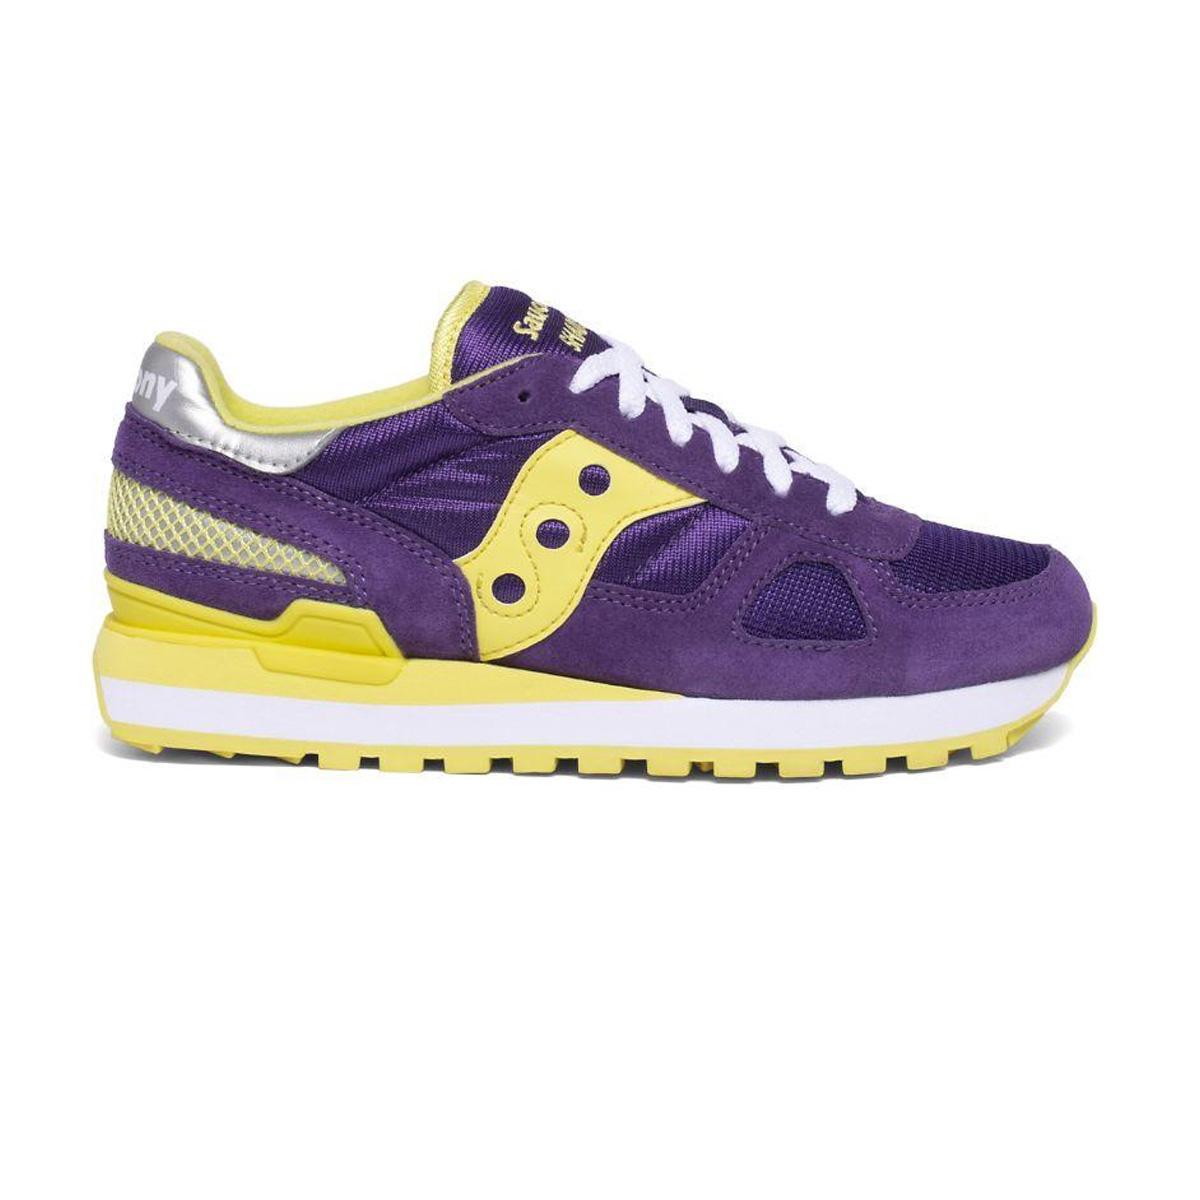 Scarpe Sneakers Saucony Shadow Original da donna rif. S1108-741